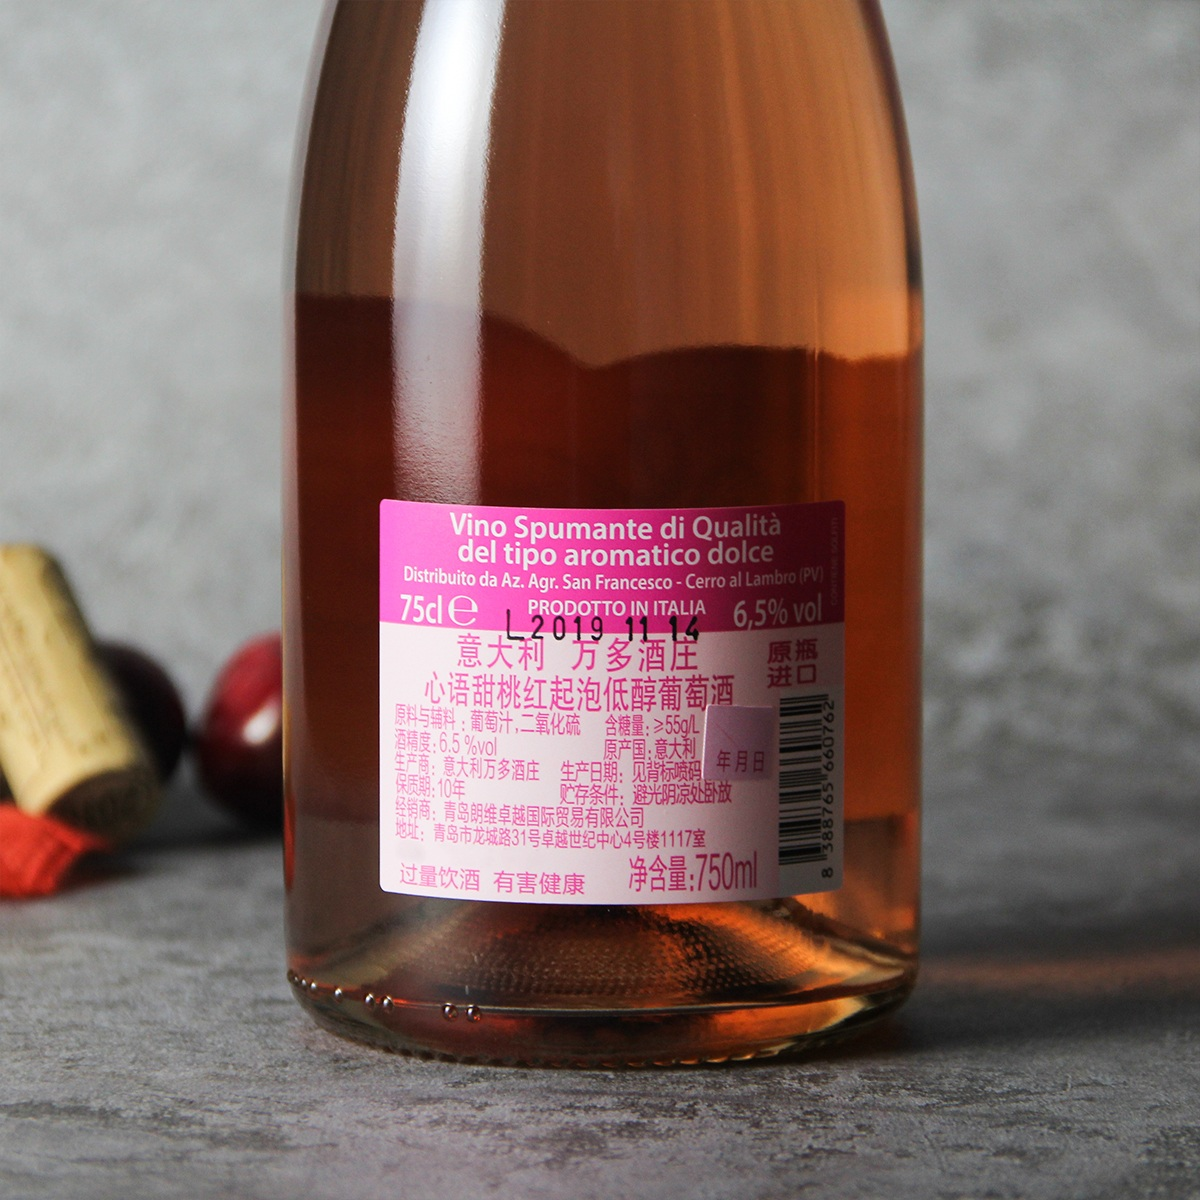 意大利心语甜桃红起泡低醇葡萄酒